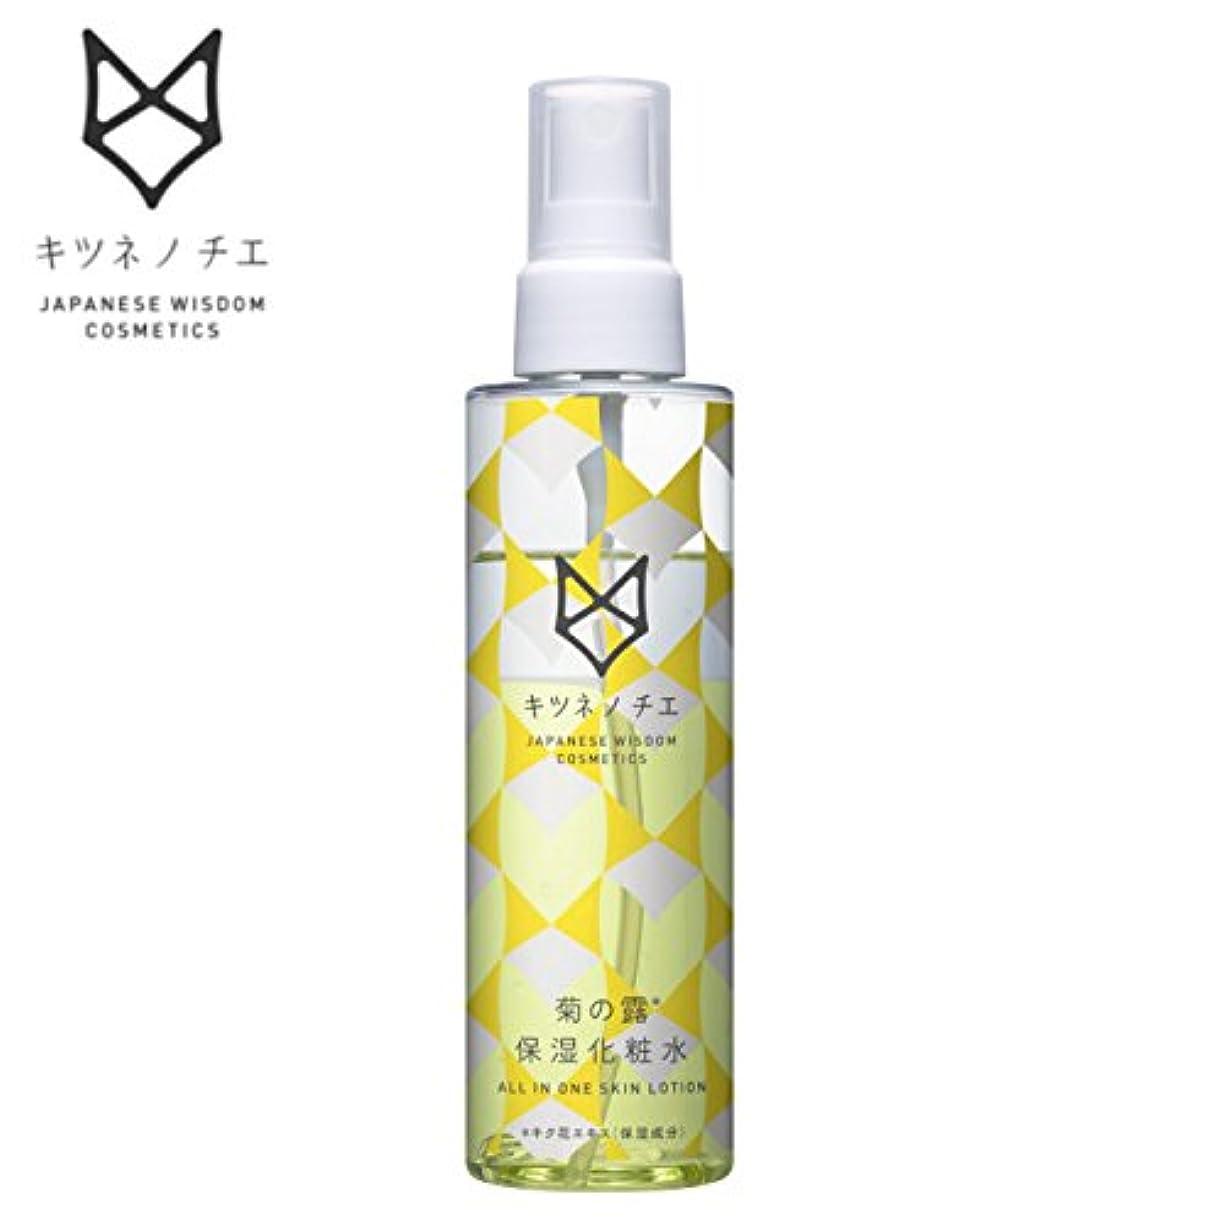 つぼみ放棄するすりキツネノチエ 菊の露 保湿化粧水